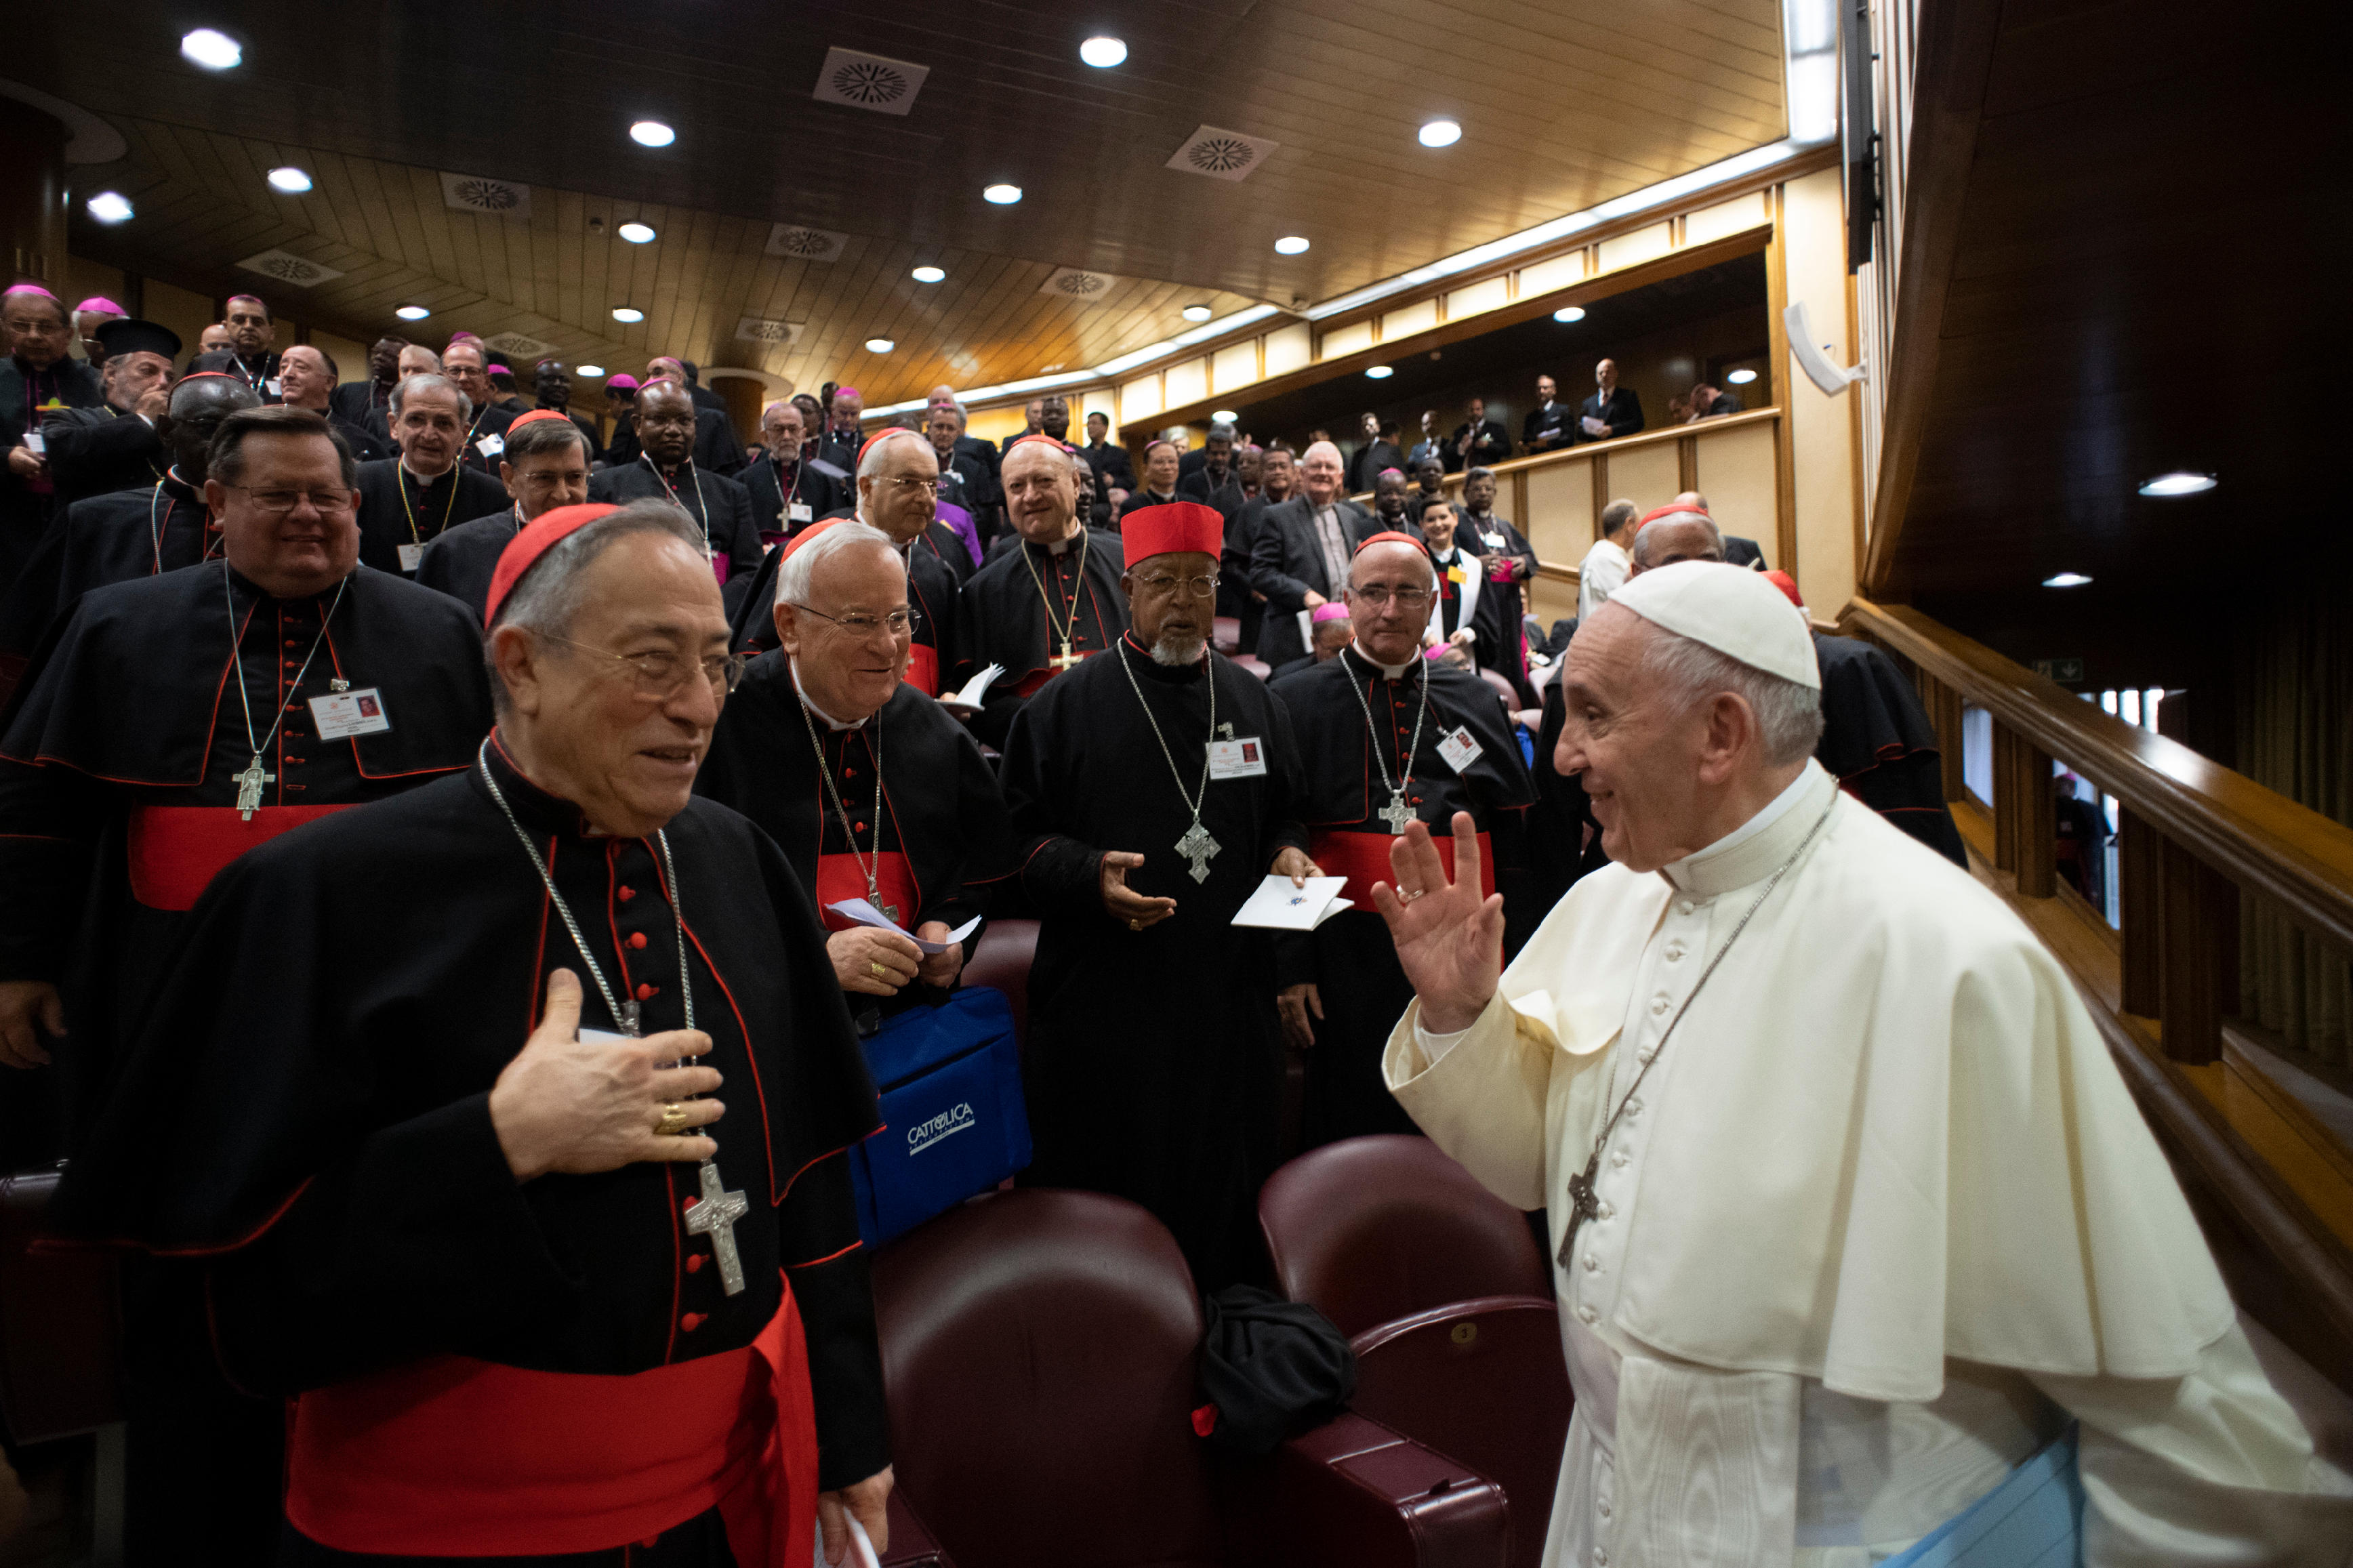 Sínodo de los Obispos, 9 octubre 2018 © Vatican Media